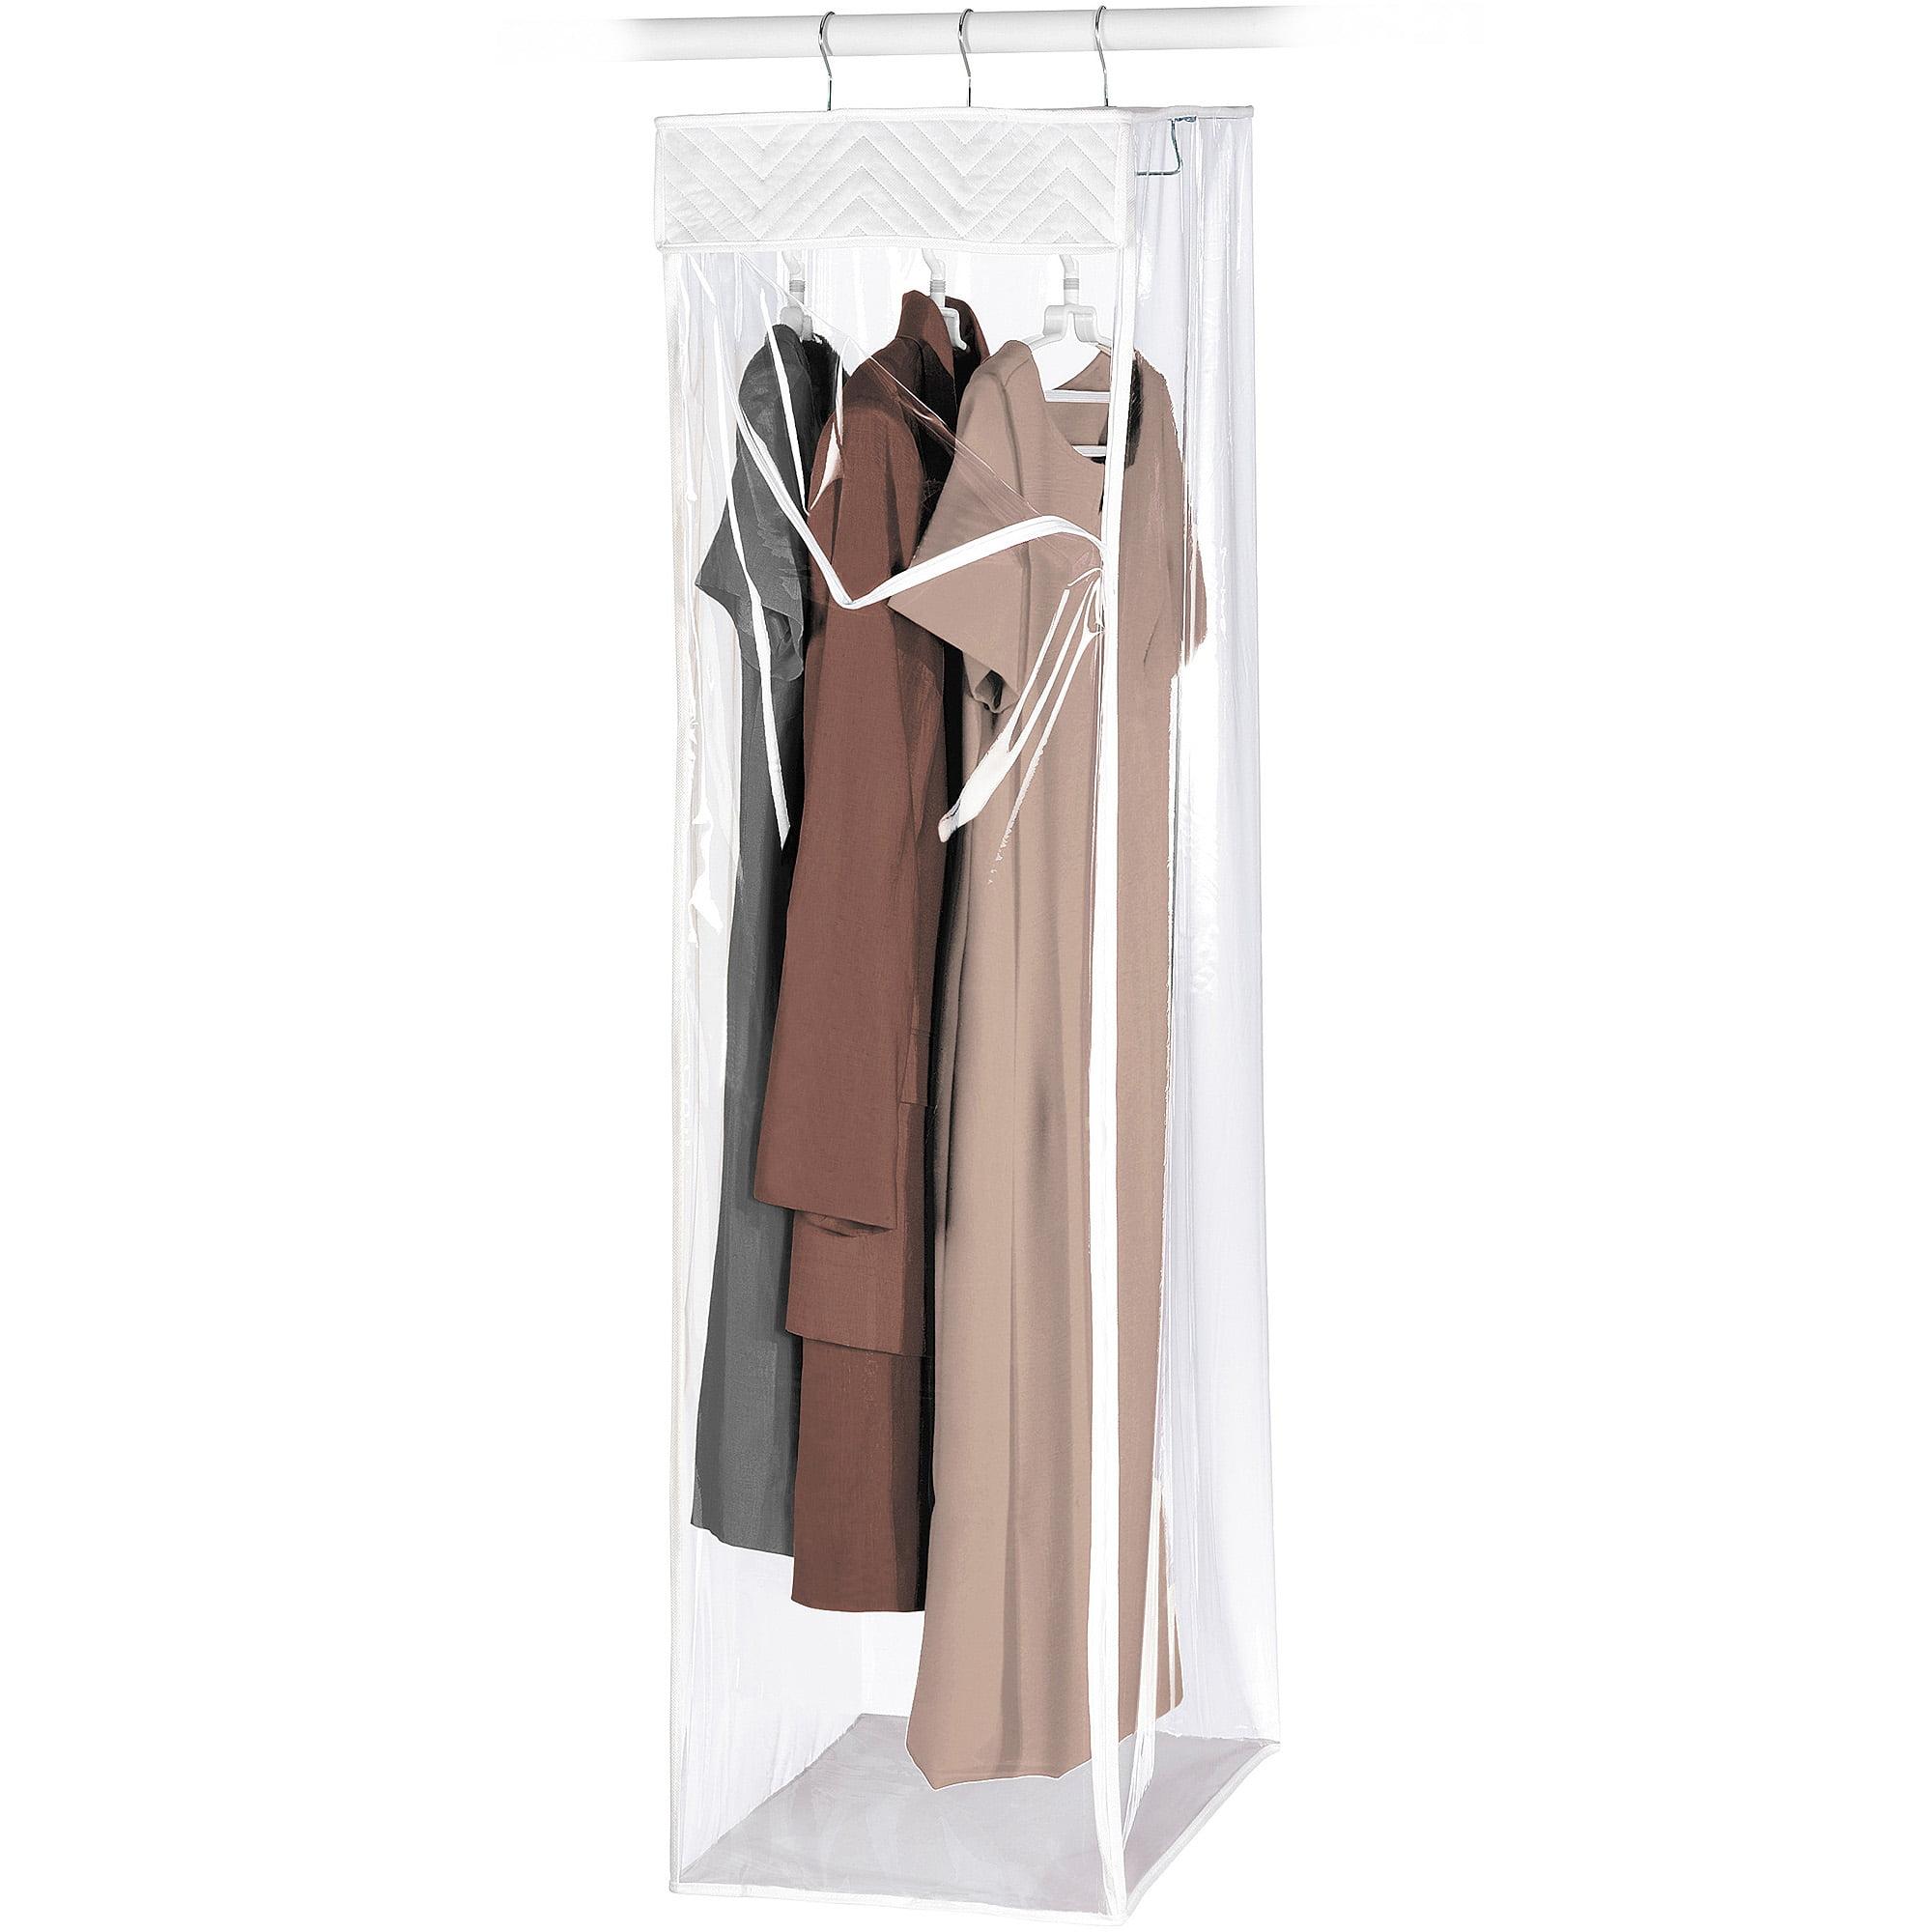 ad68e5f9eaf Whitmor Hanging Garment Bag Zippered Closet Com